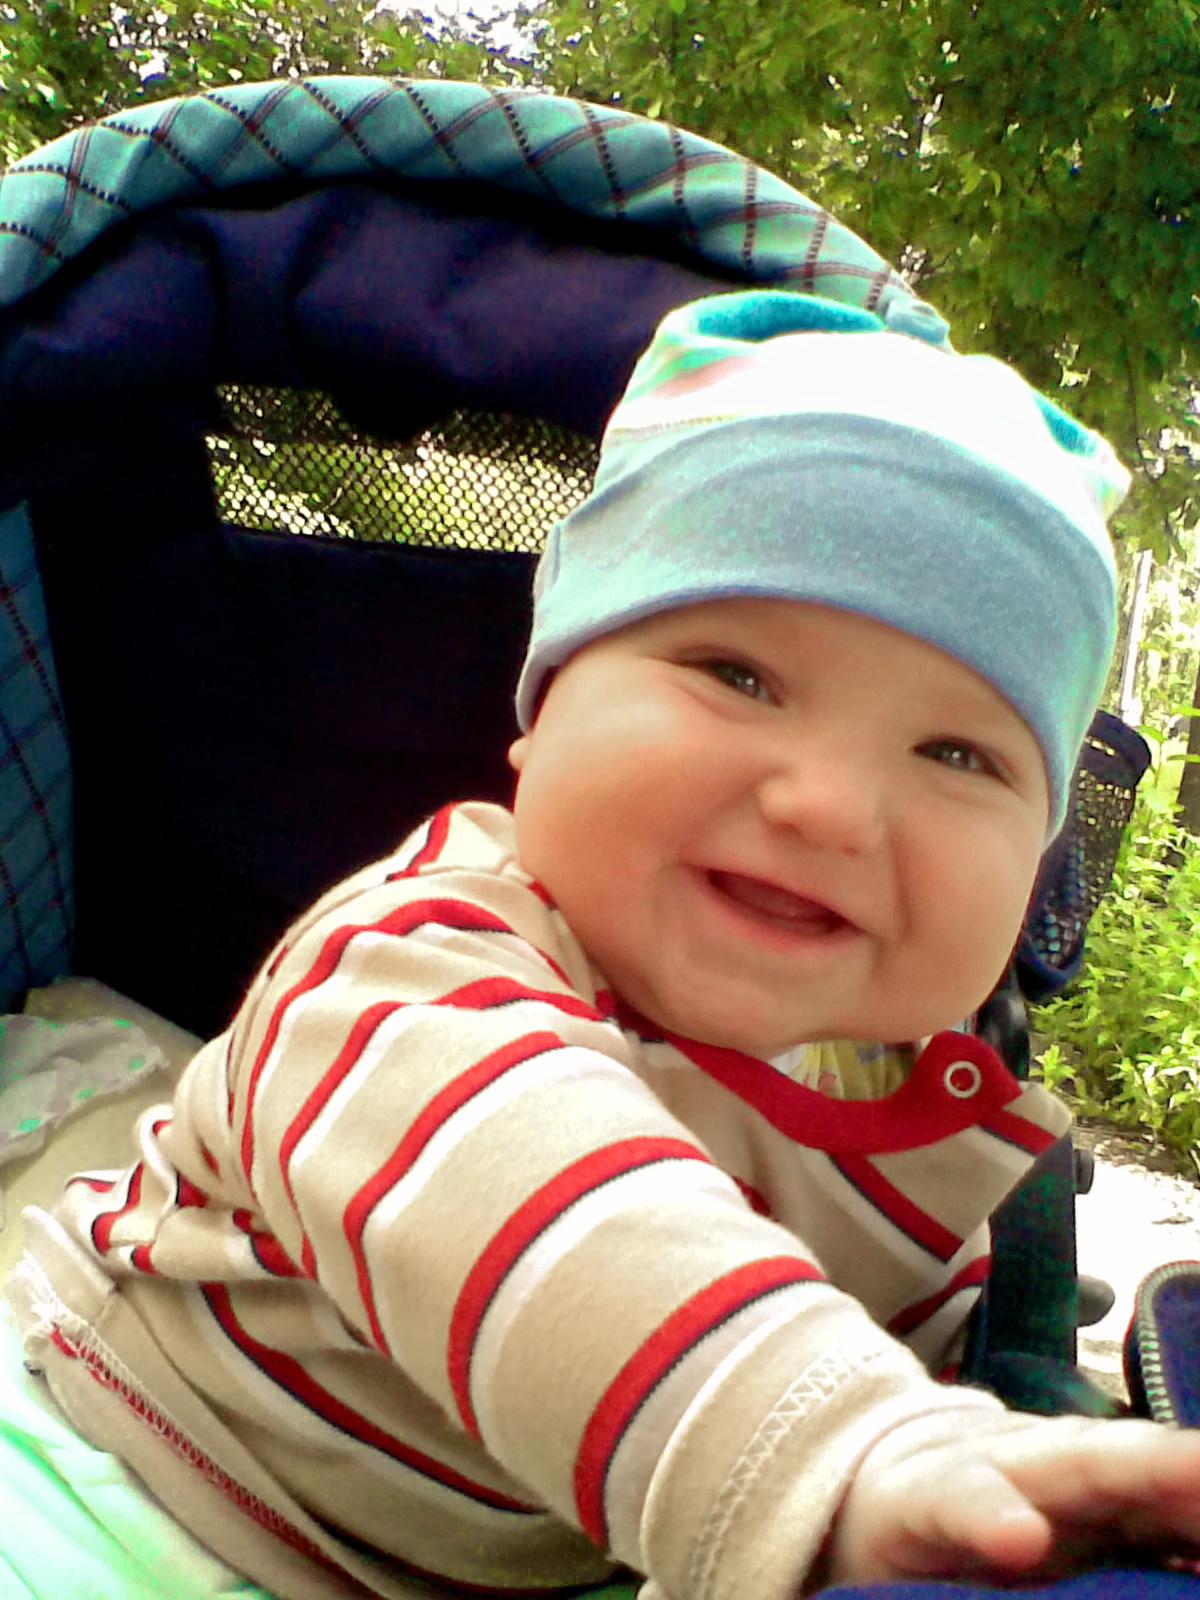 Солнышко моё проснулось и мамуле улыбнулось -))). От улыбки хмурый день светлей!